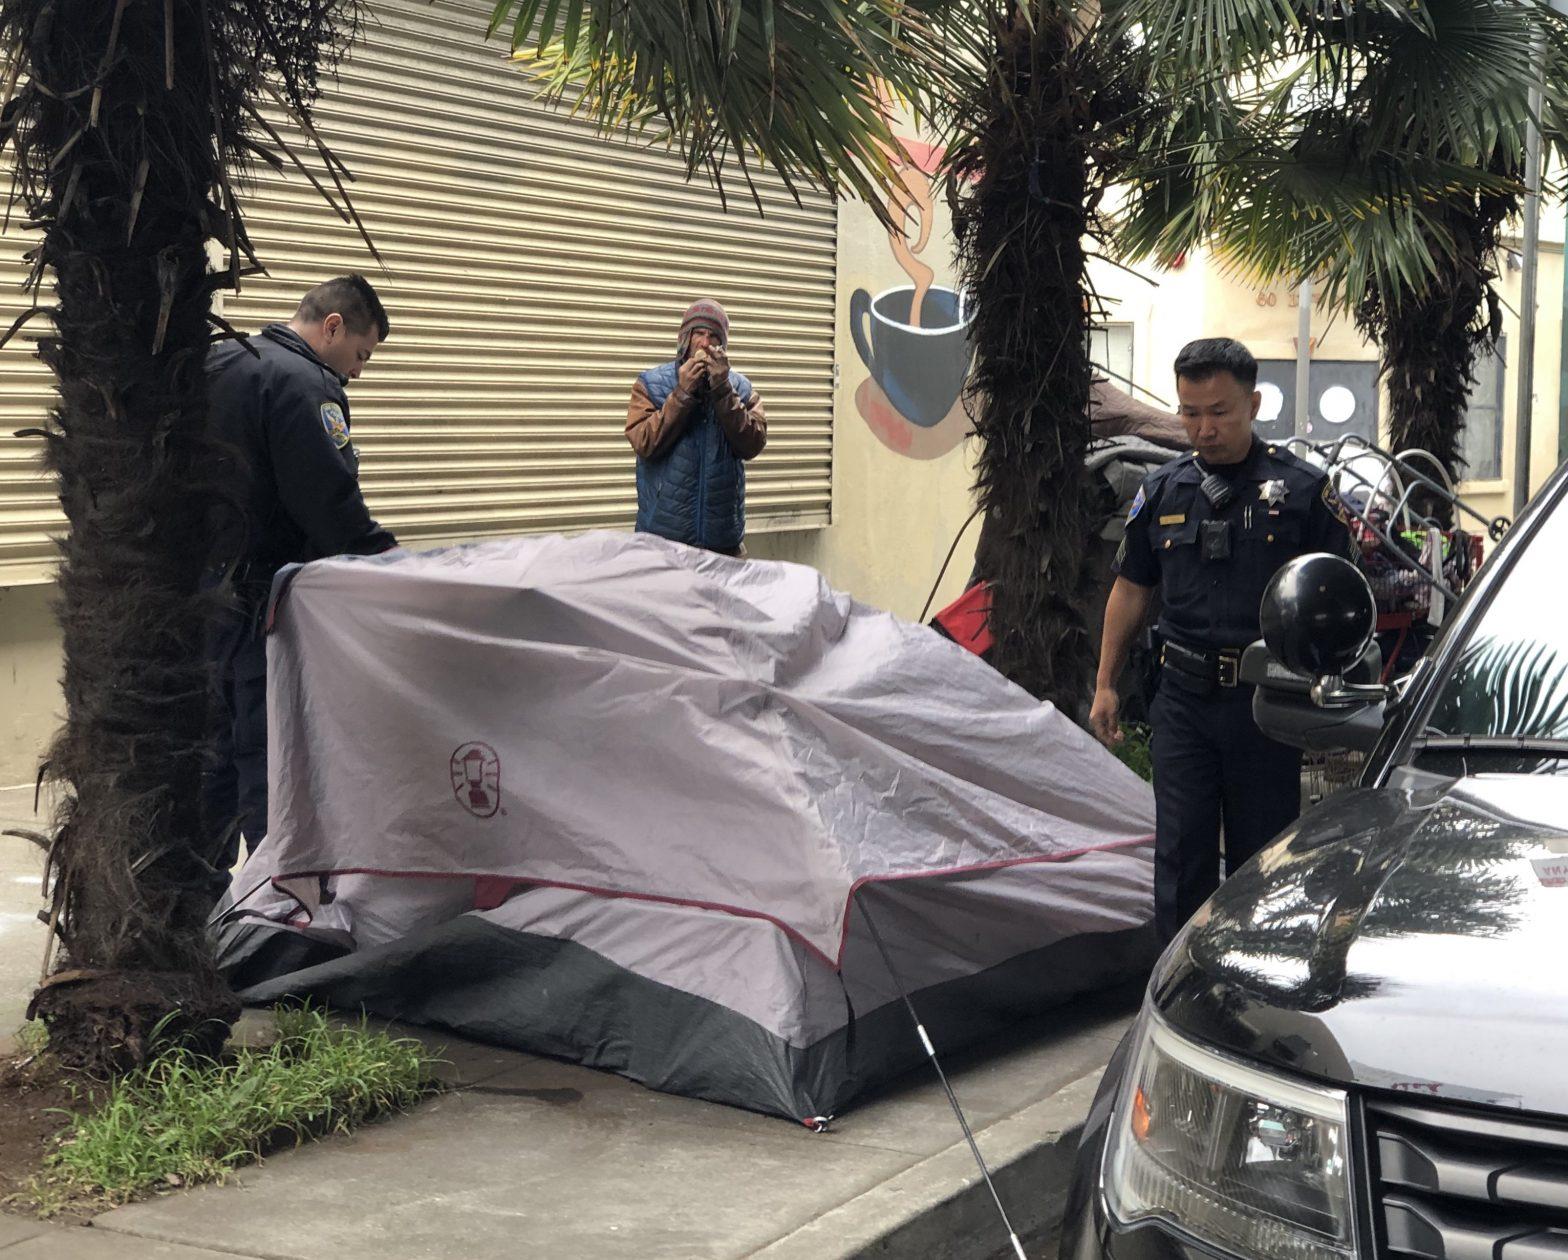 homeless-encampment-march-2020.jpeg